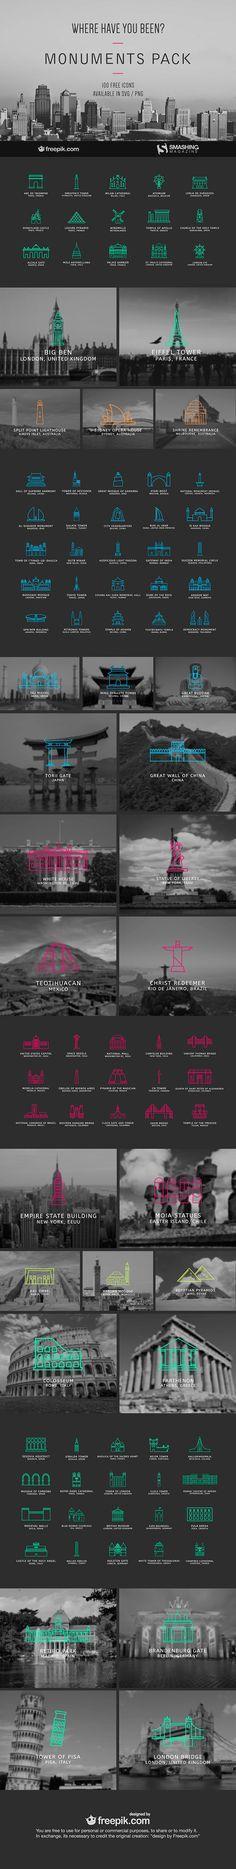 100个免费的世界著名古迹建筑矢量描边图标源文件下载